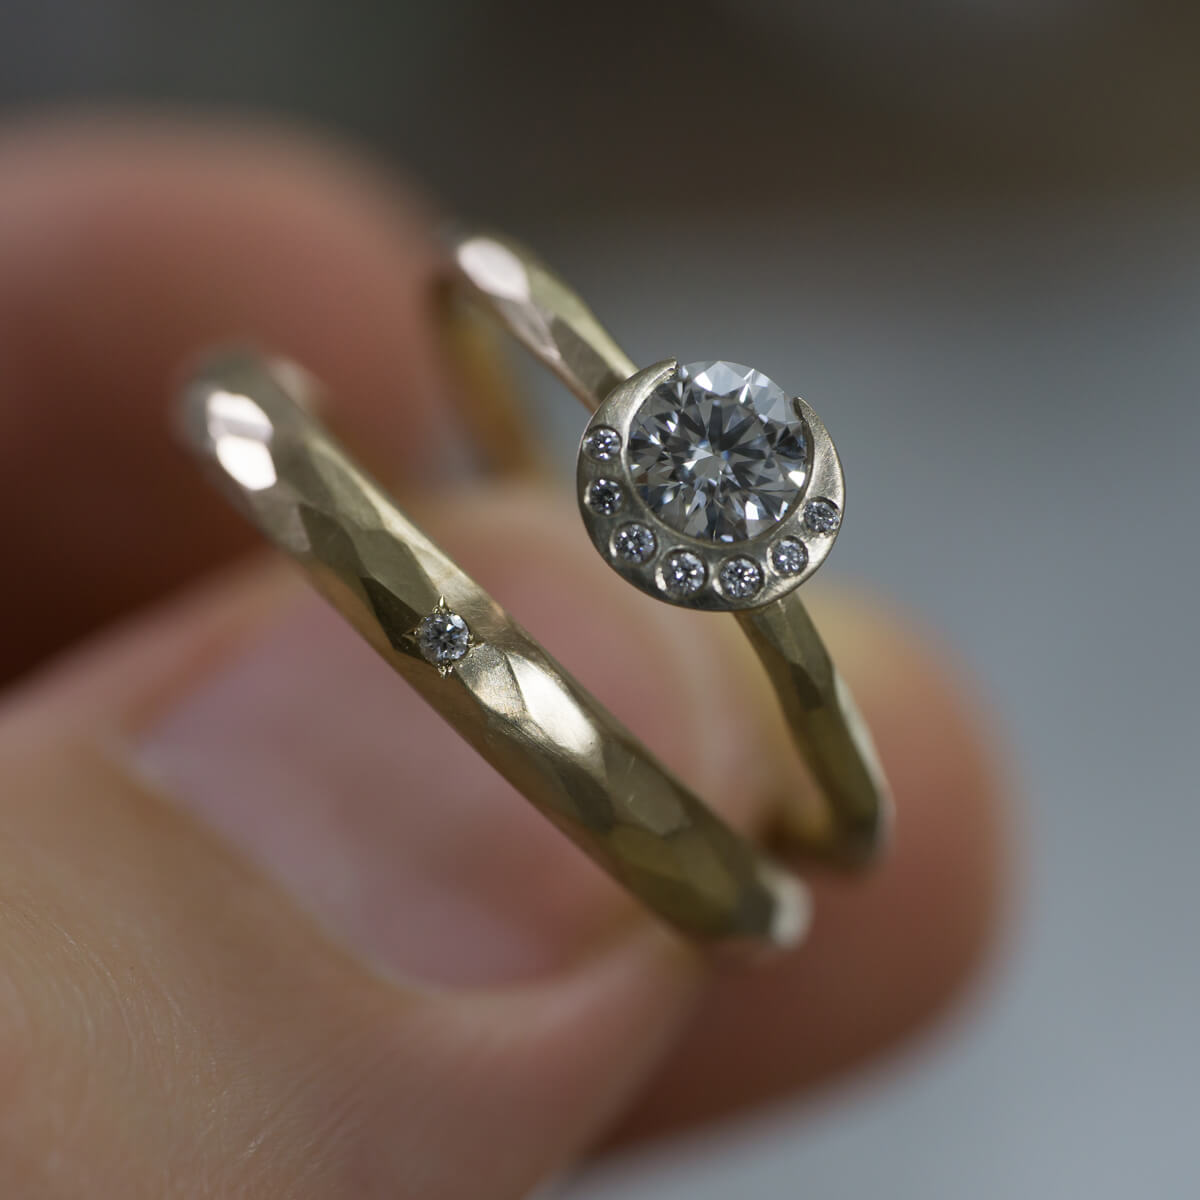 随時動画更新しています!結婚指輪素材比較編 プラチナ、シャンパンゴールド、シルバー